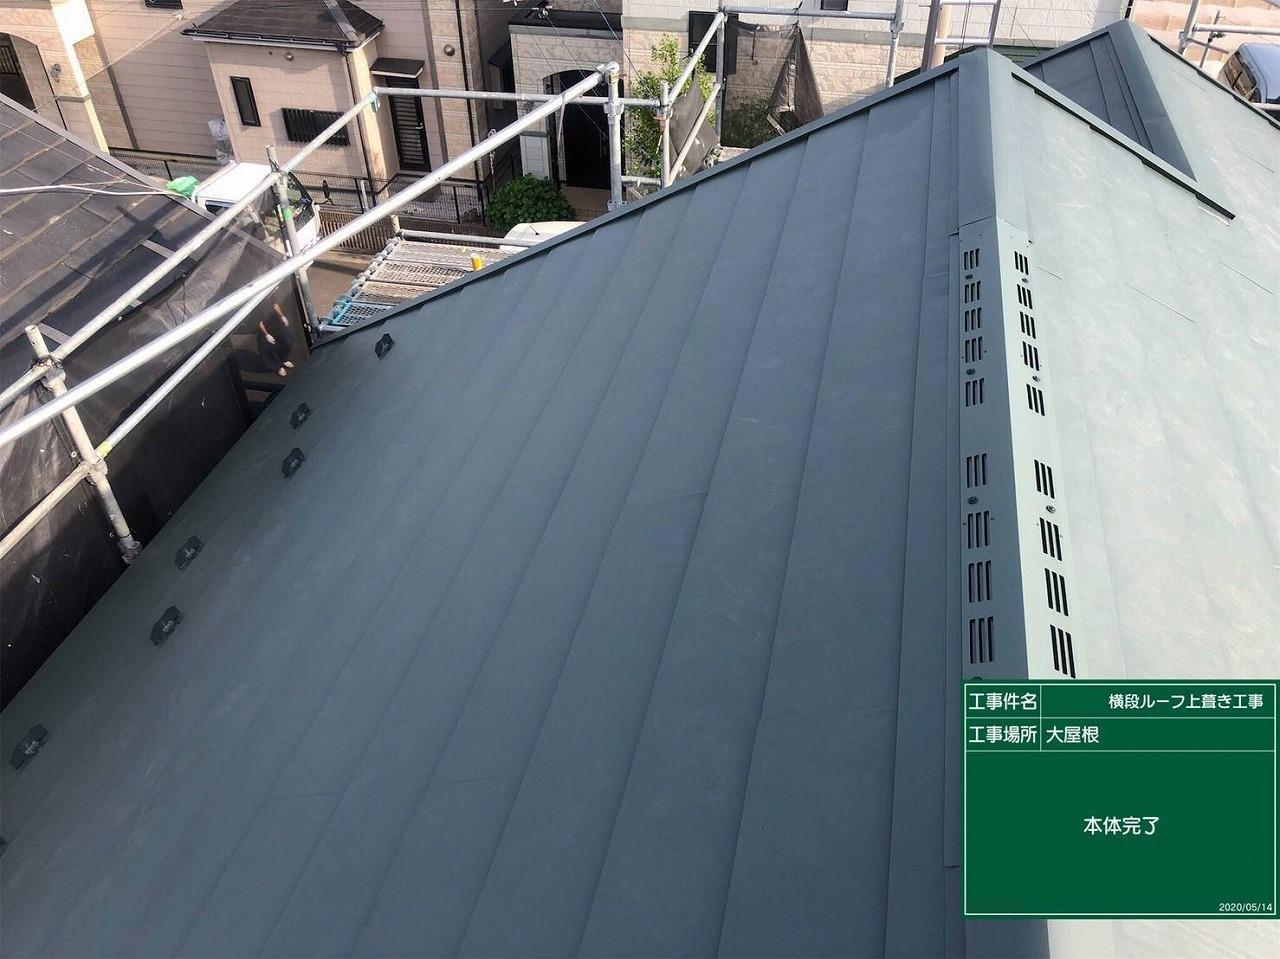 屋根工事施工写真 (42)HP